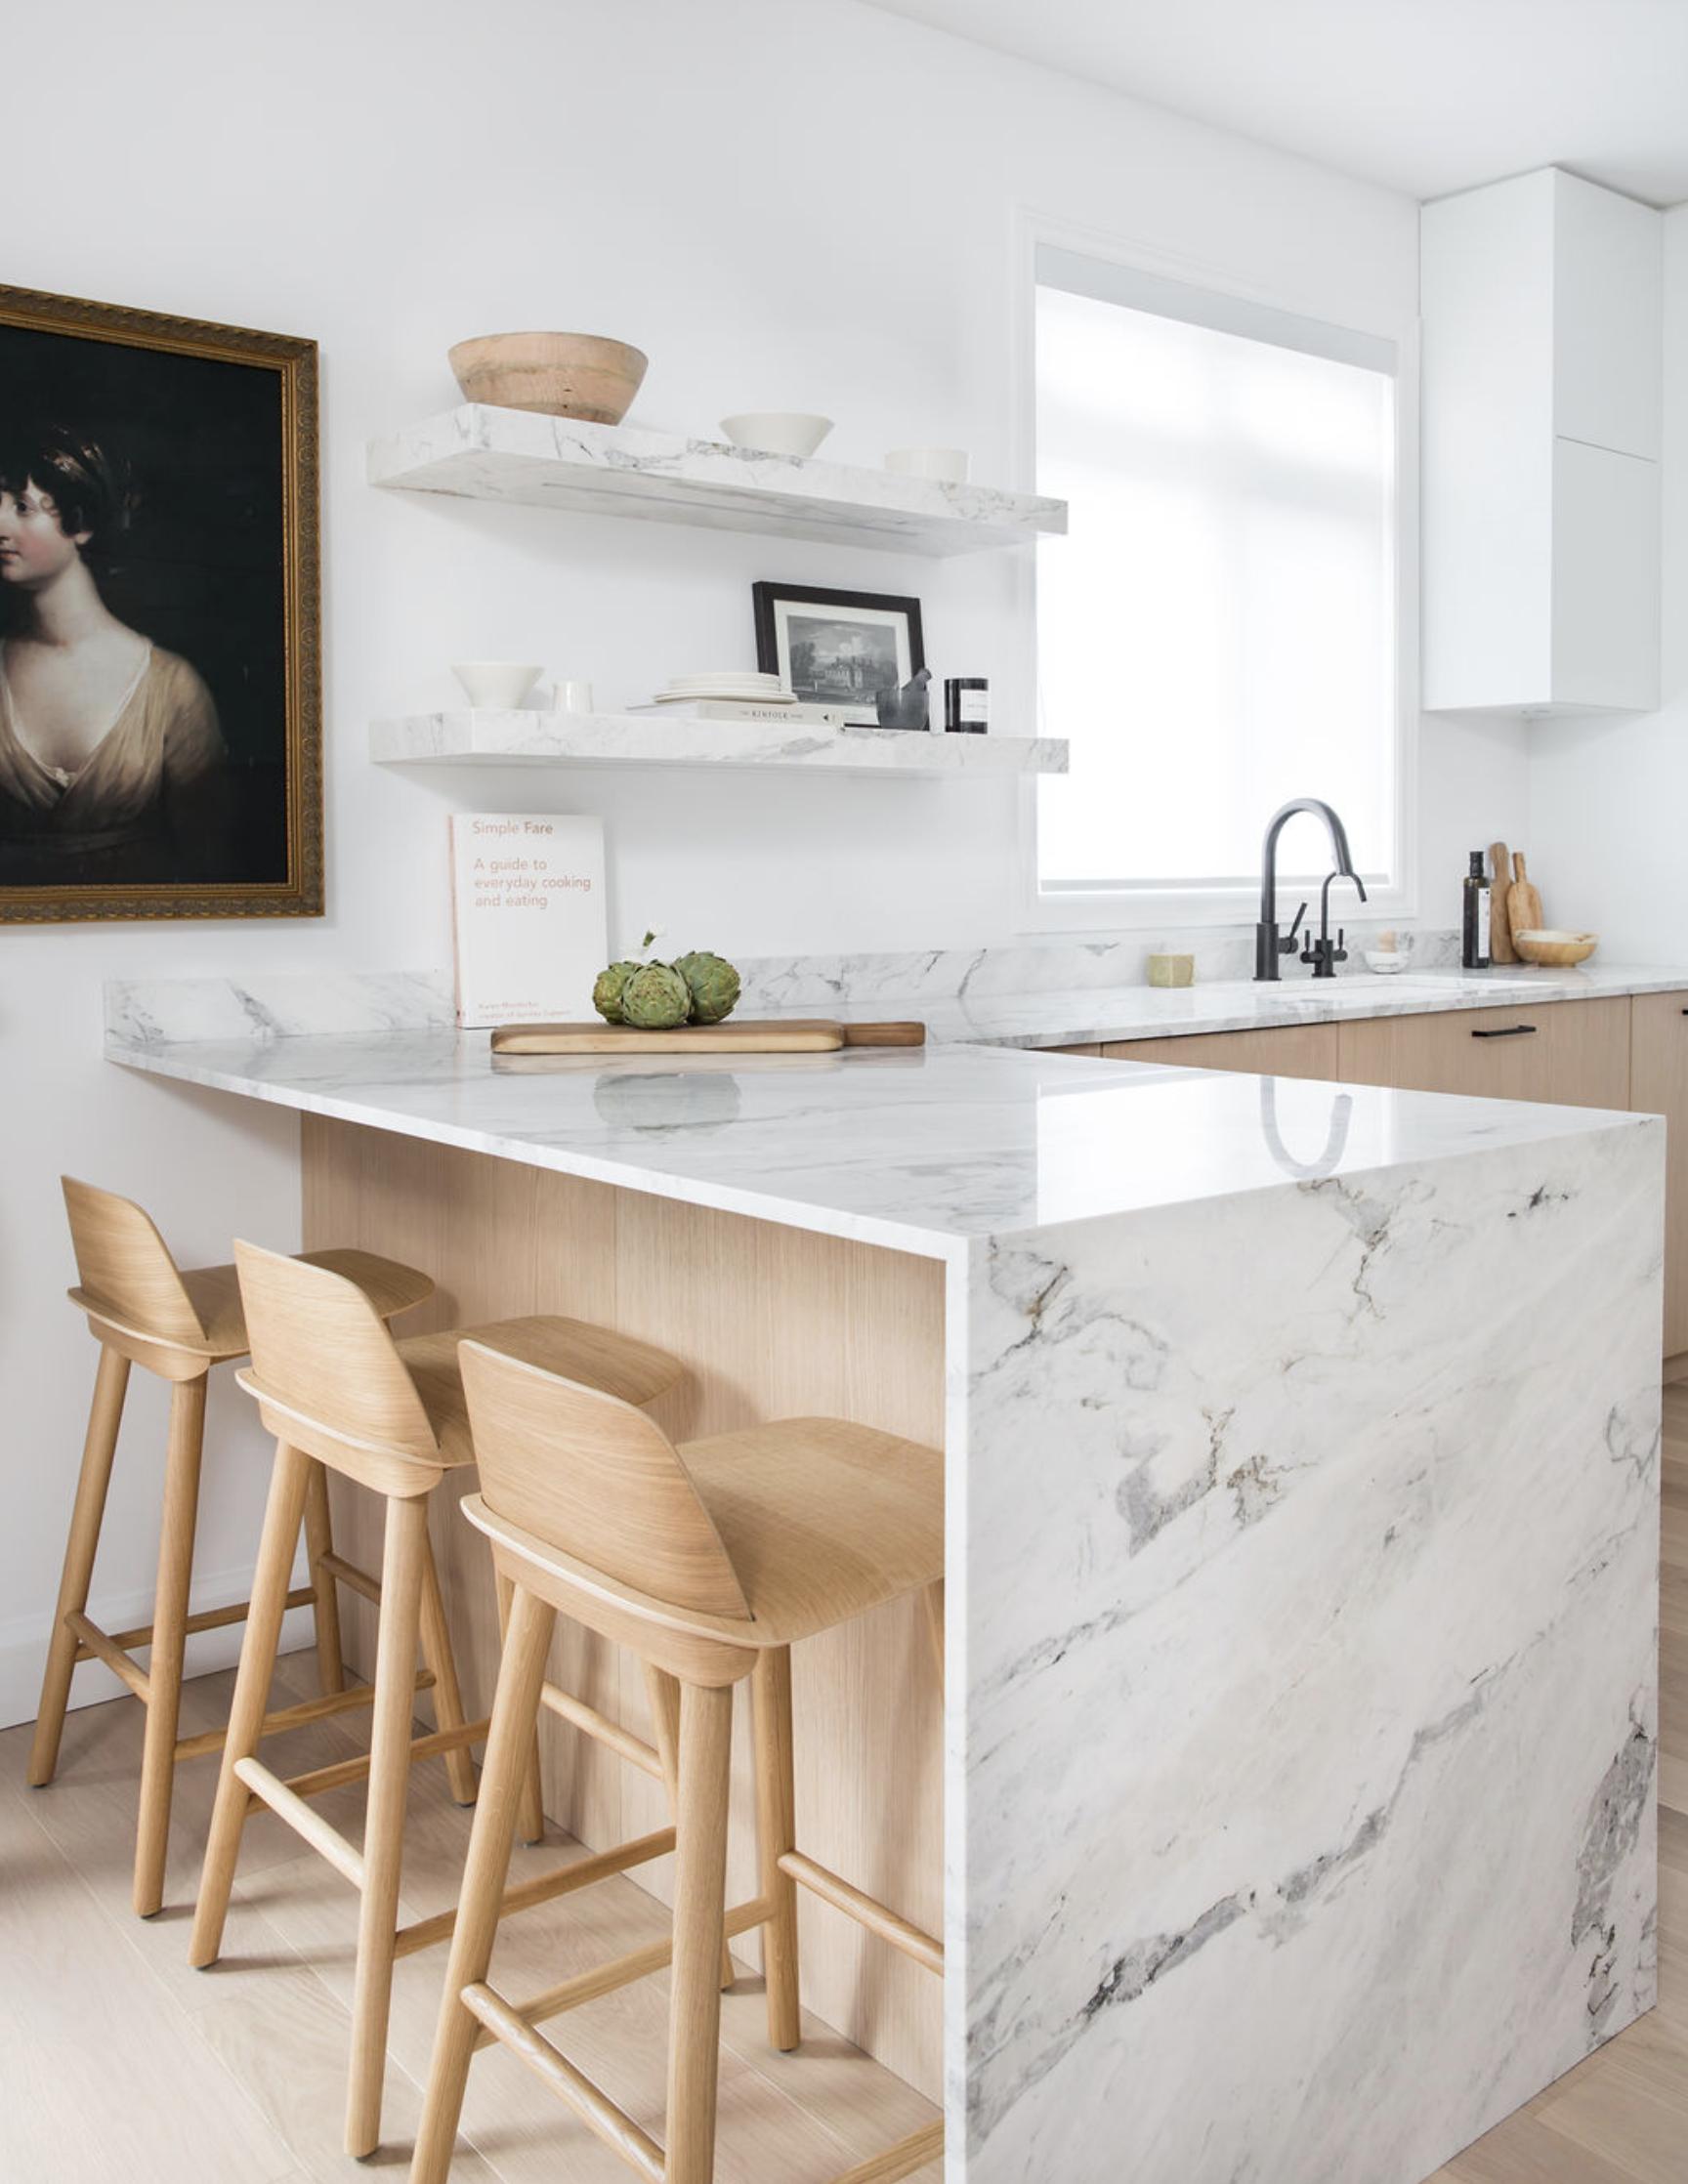 Blonde Wood How To Use It Everywhere The Identite Collective Modern Kitchen Design Kitchen Design Interior Design Kitchen